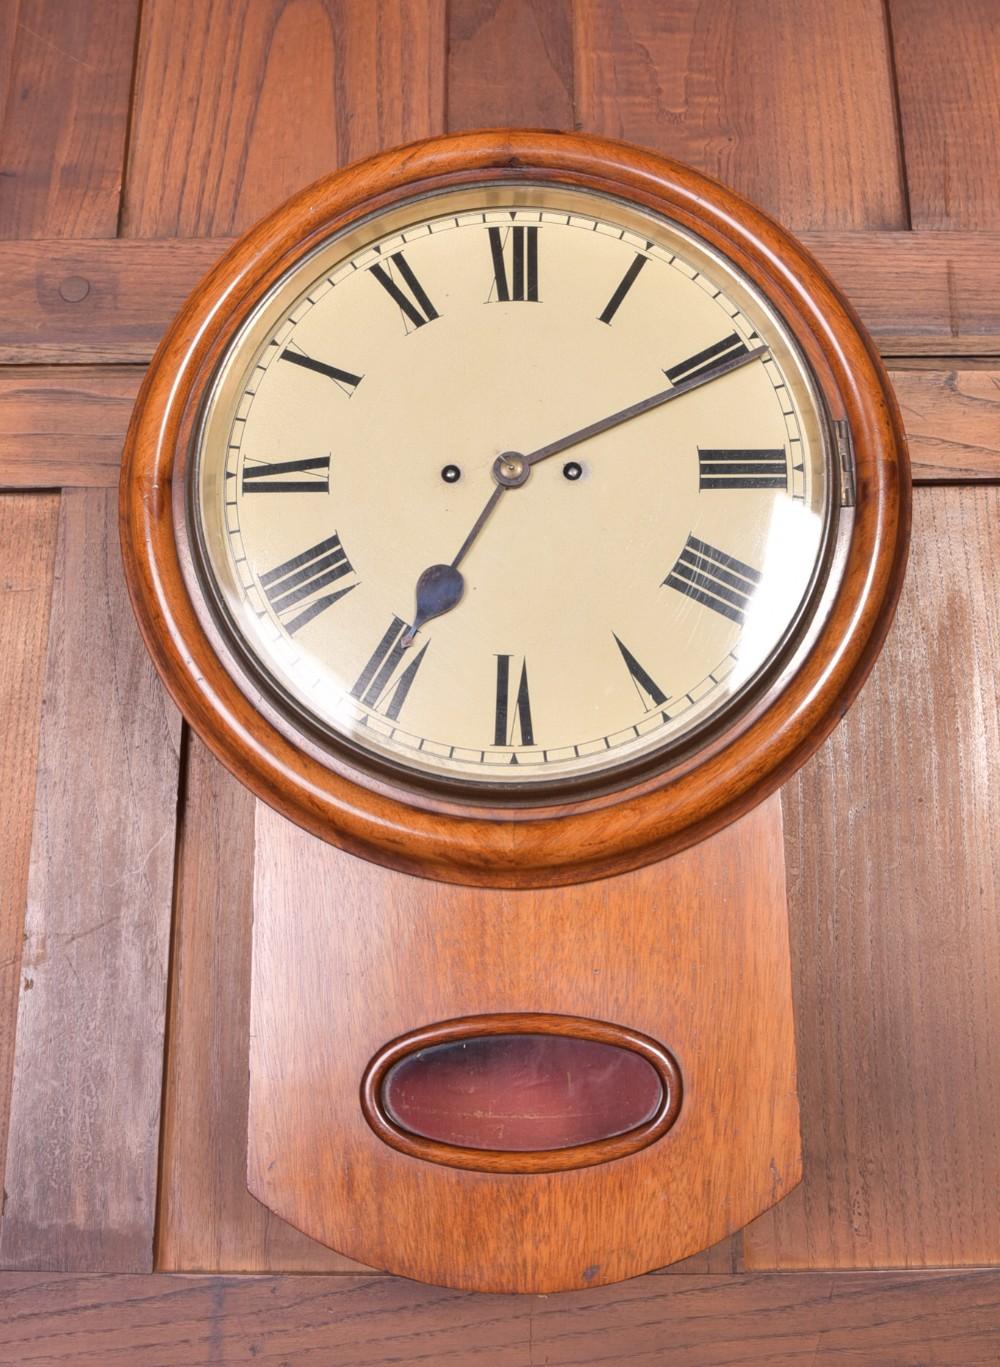 19th century mahogany drop dial fusee wall clock